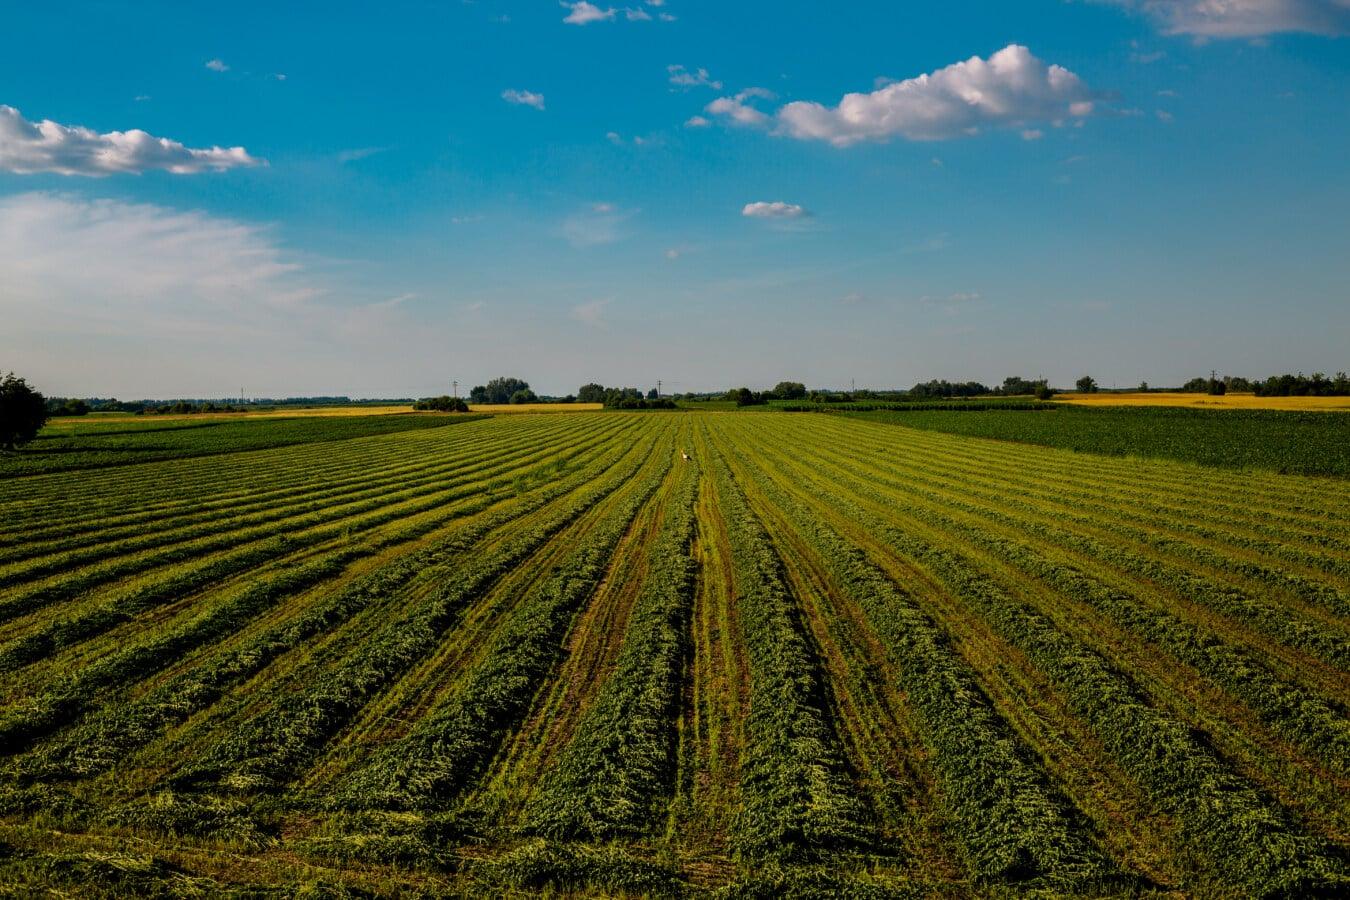 농업, 잔디 식물, 토지, 농장, 풍경, 농촌, 잔디, 필드, 초원, 밀